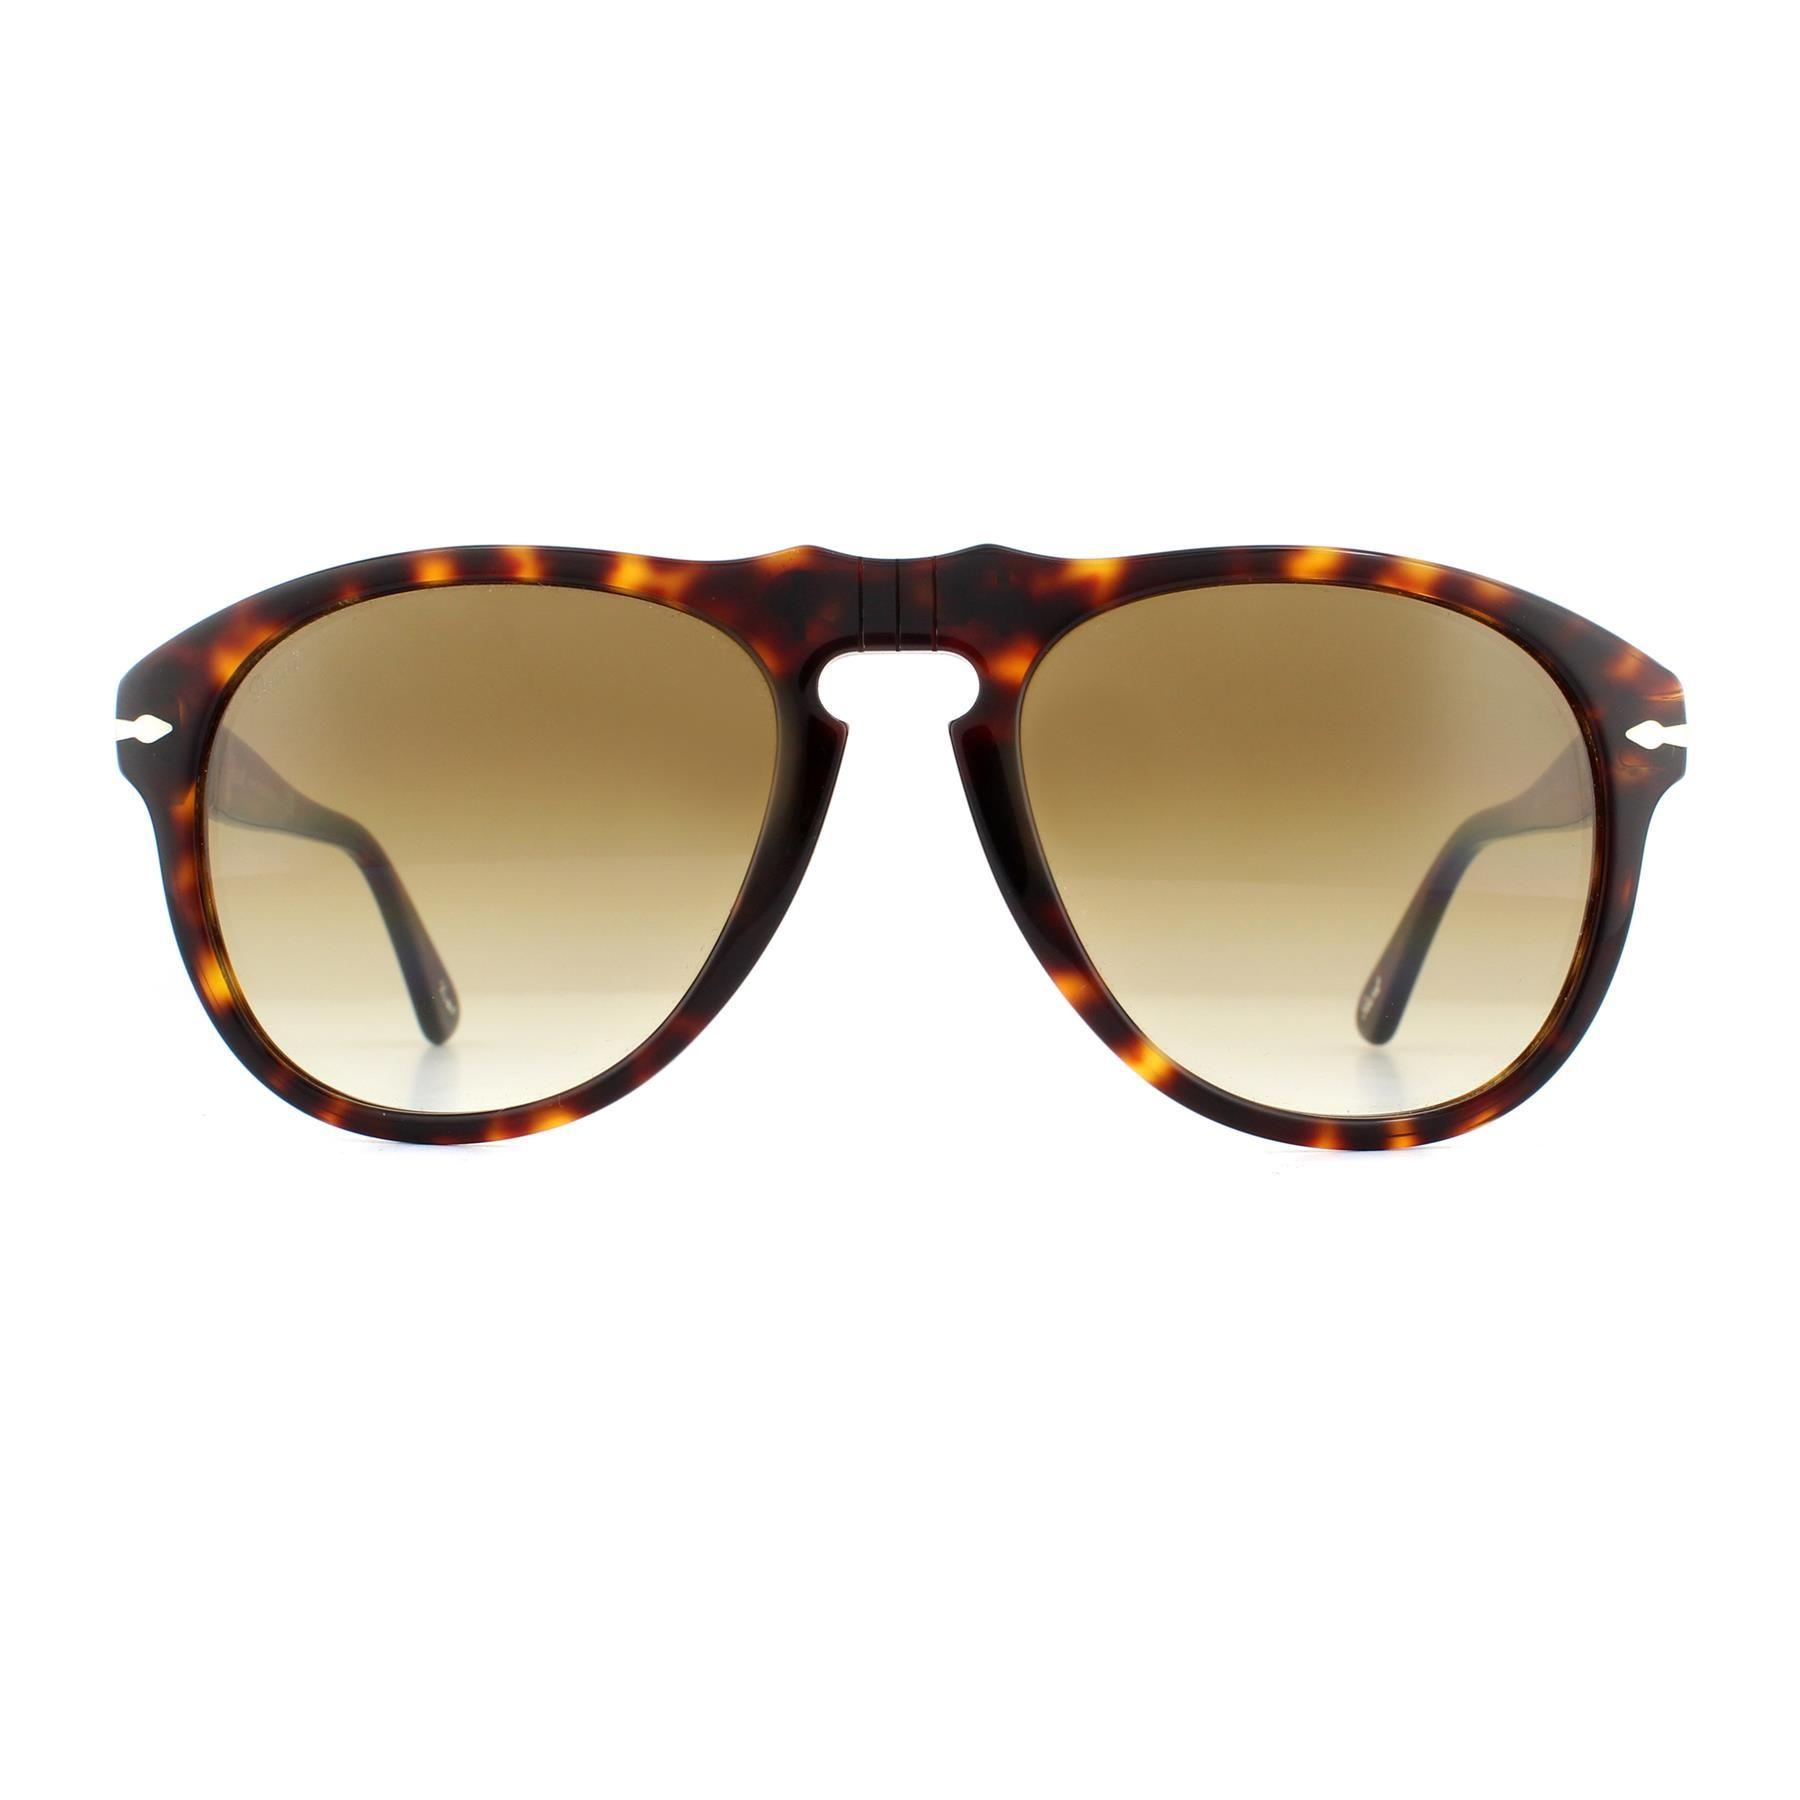 Persol Sunglasses 0649 24/51 Havana Brown Gradient Steve McQueen 54mm